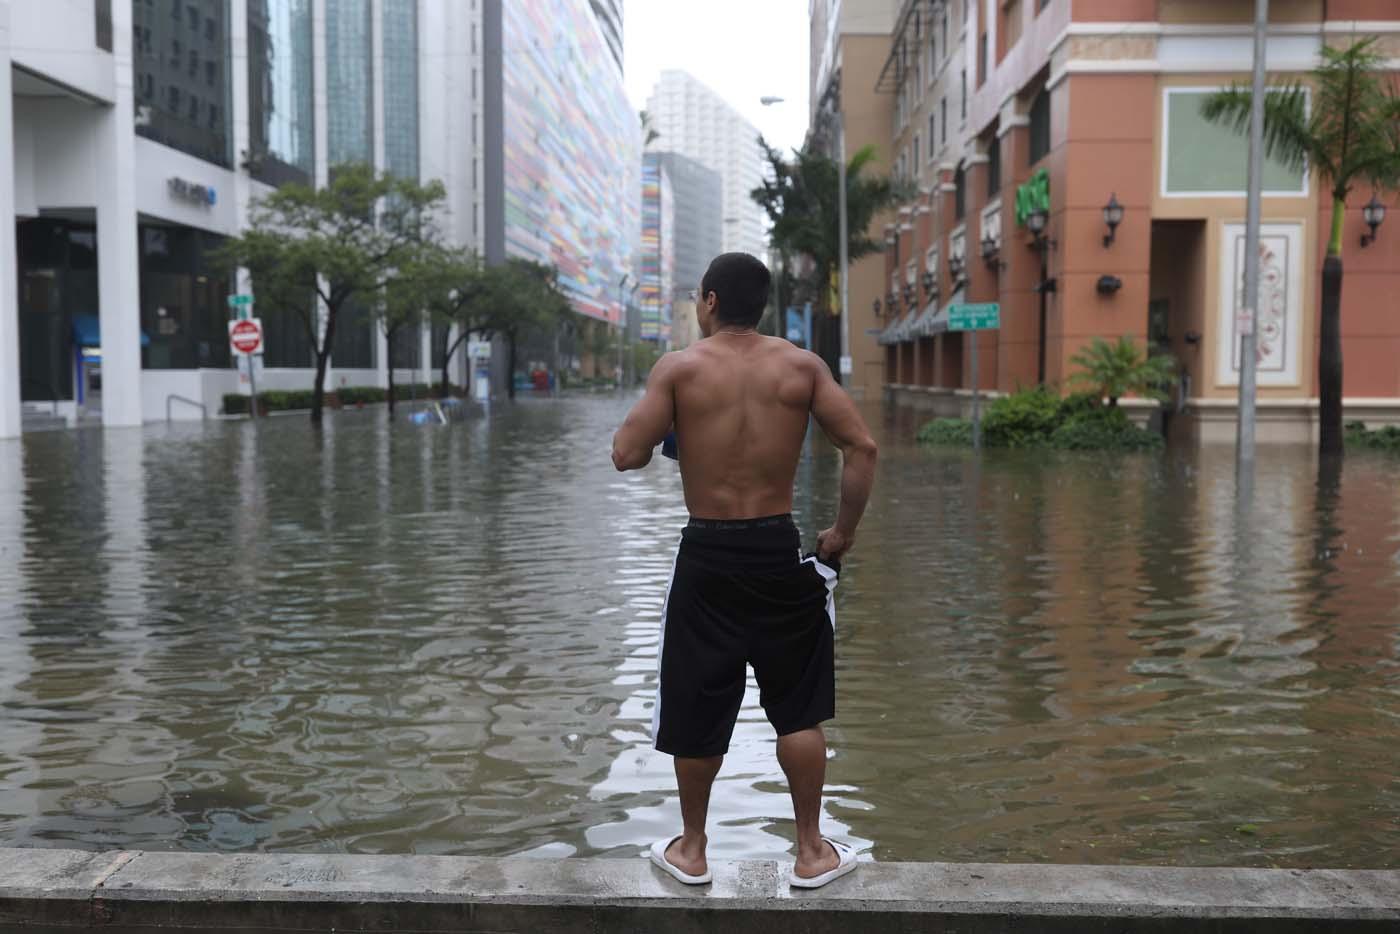 Un residente local, Vishnu Obregon, en el distrito Brickell durante el paso del huracán Irma por Miami, Florida, EEUU, 10 de septiembre de 2017. REUTERS/Stephen Yang